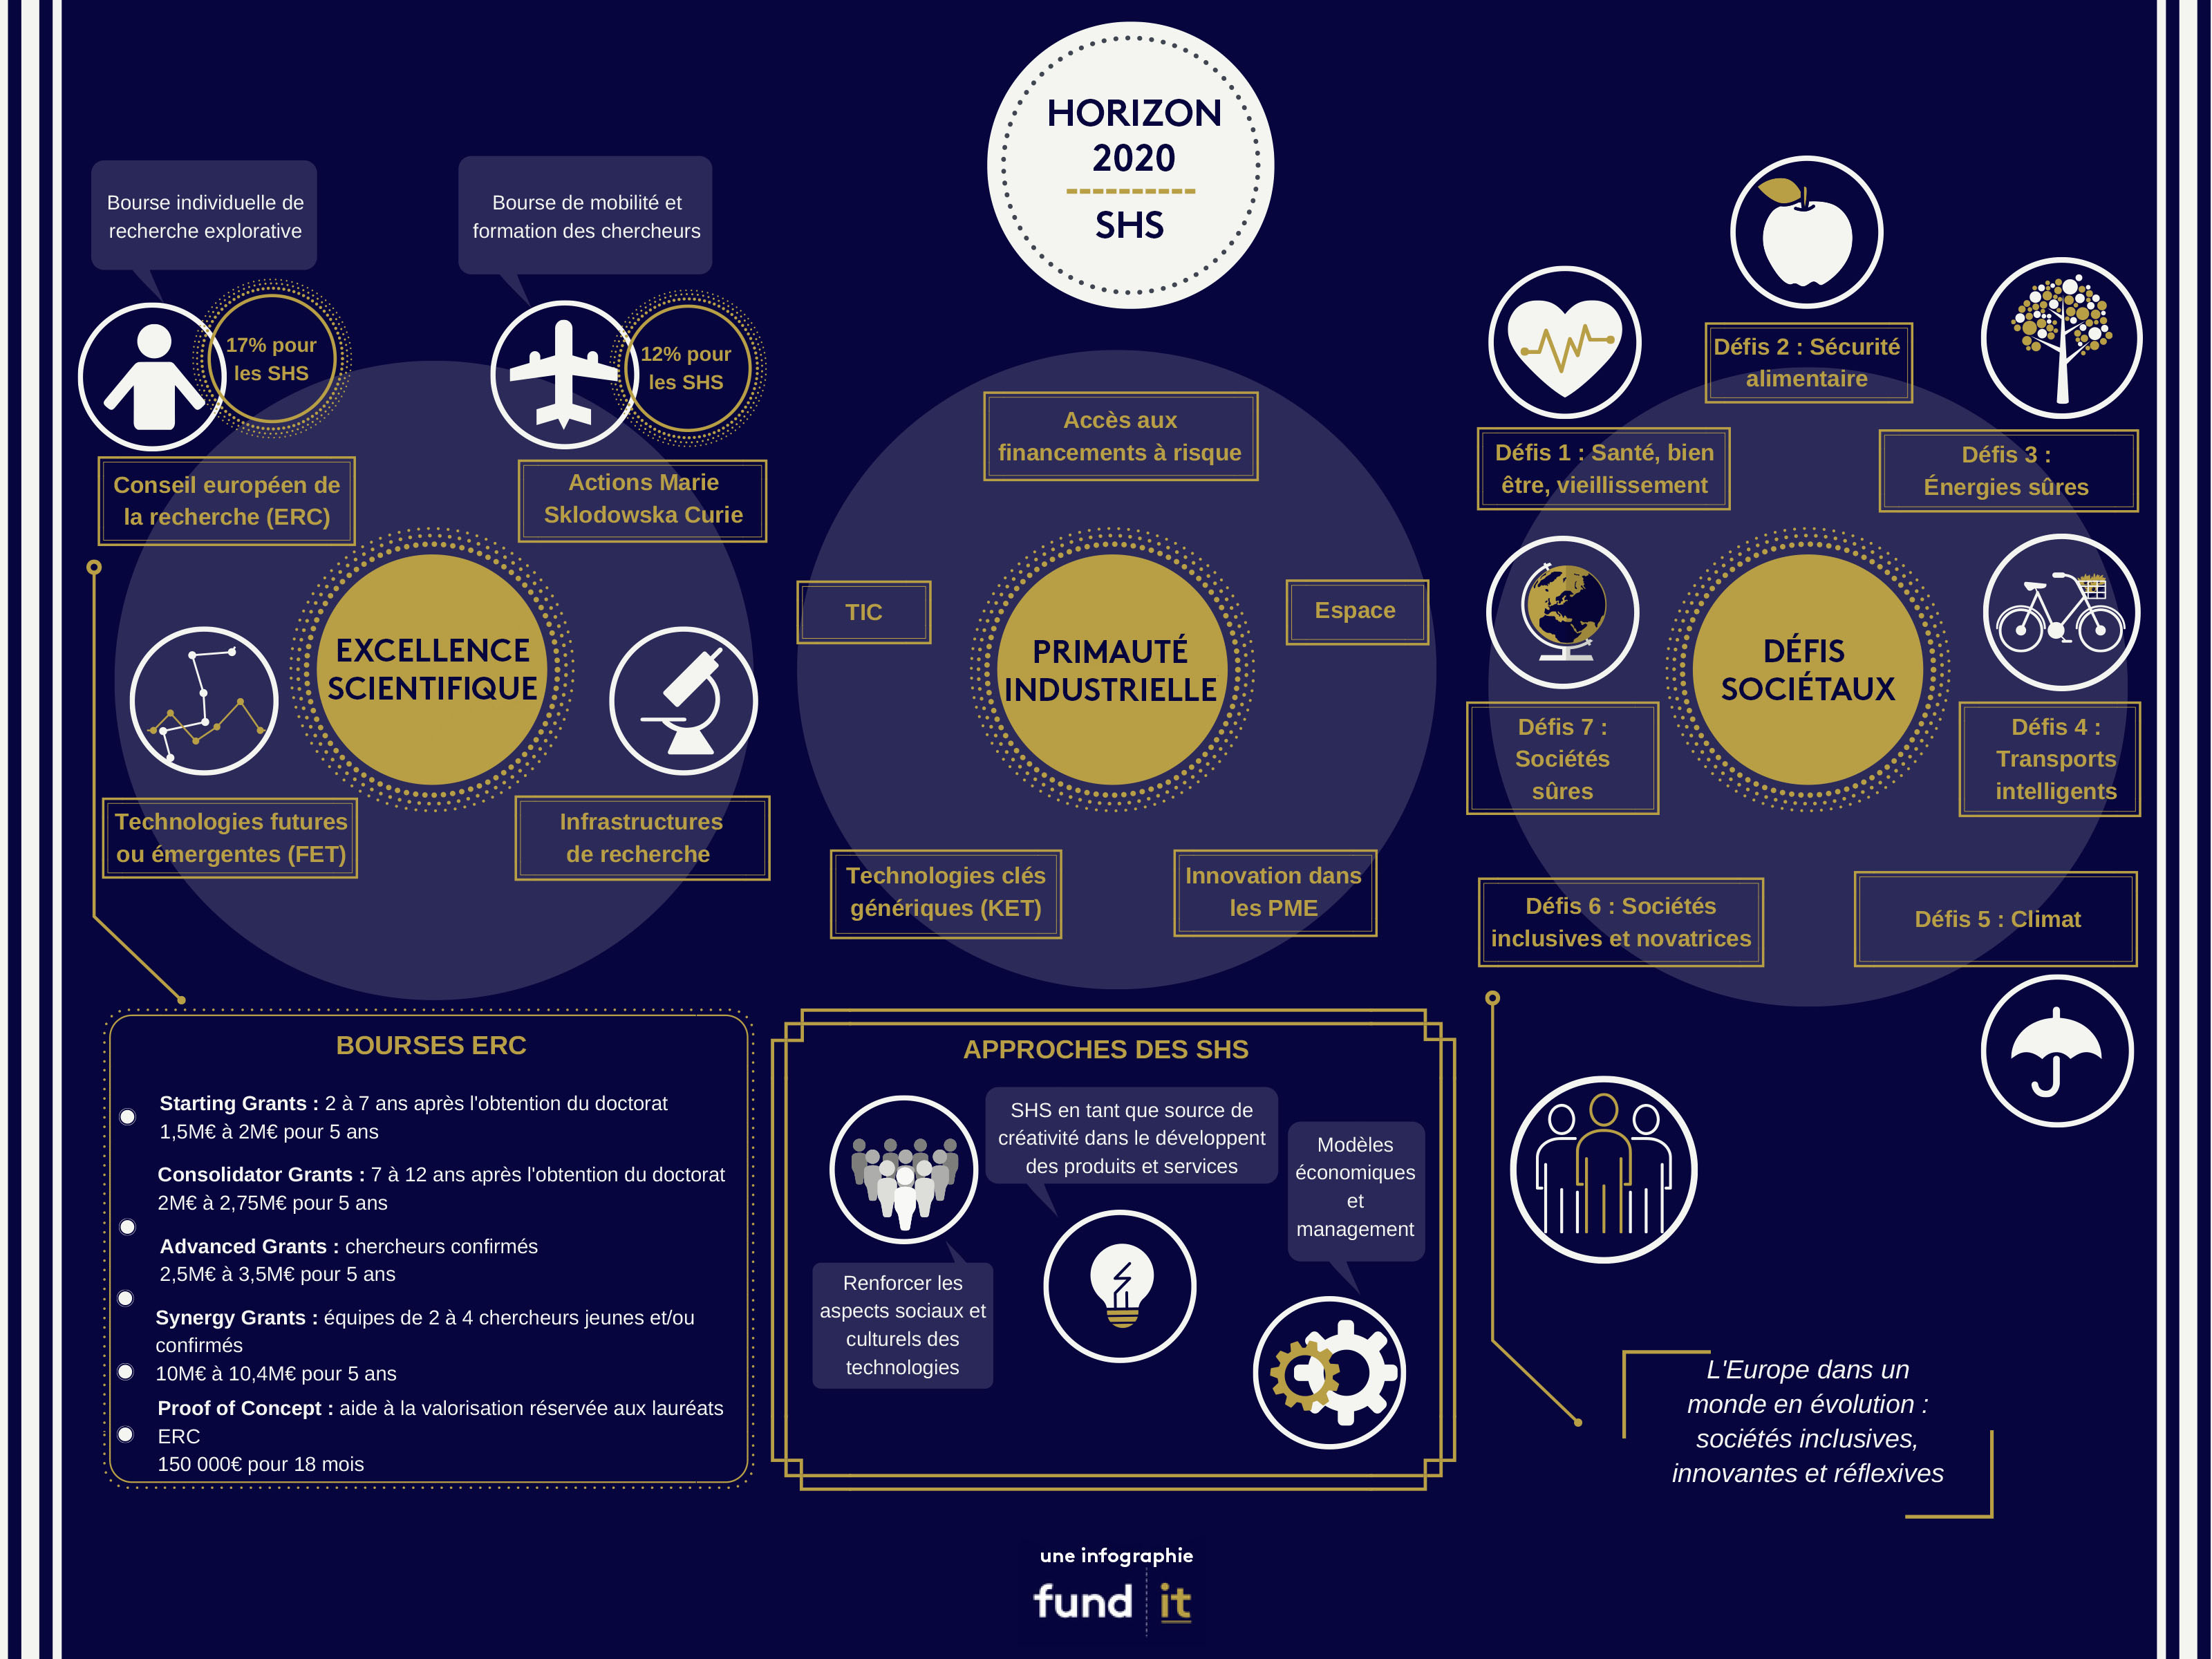 programme de financement de la recherche horizon 2020